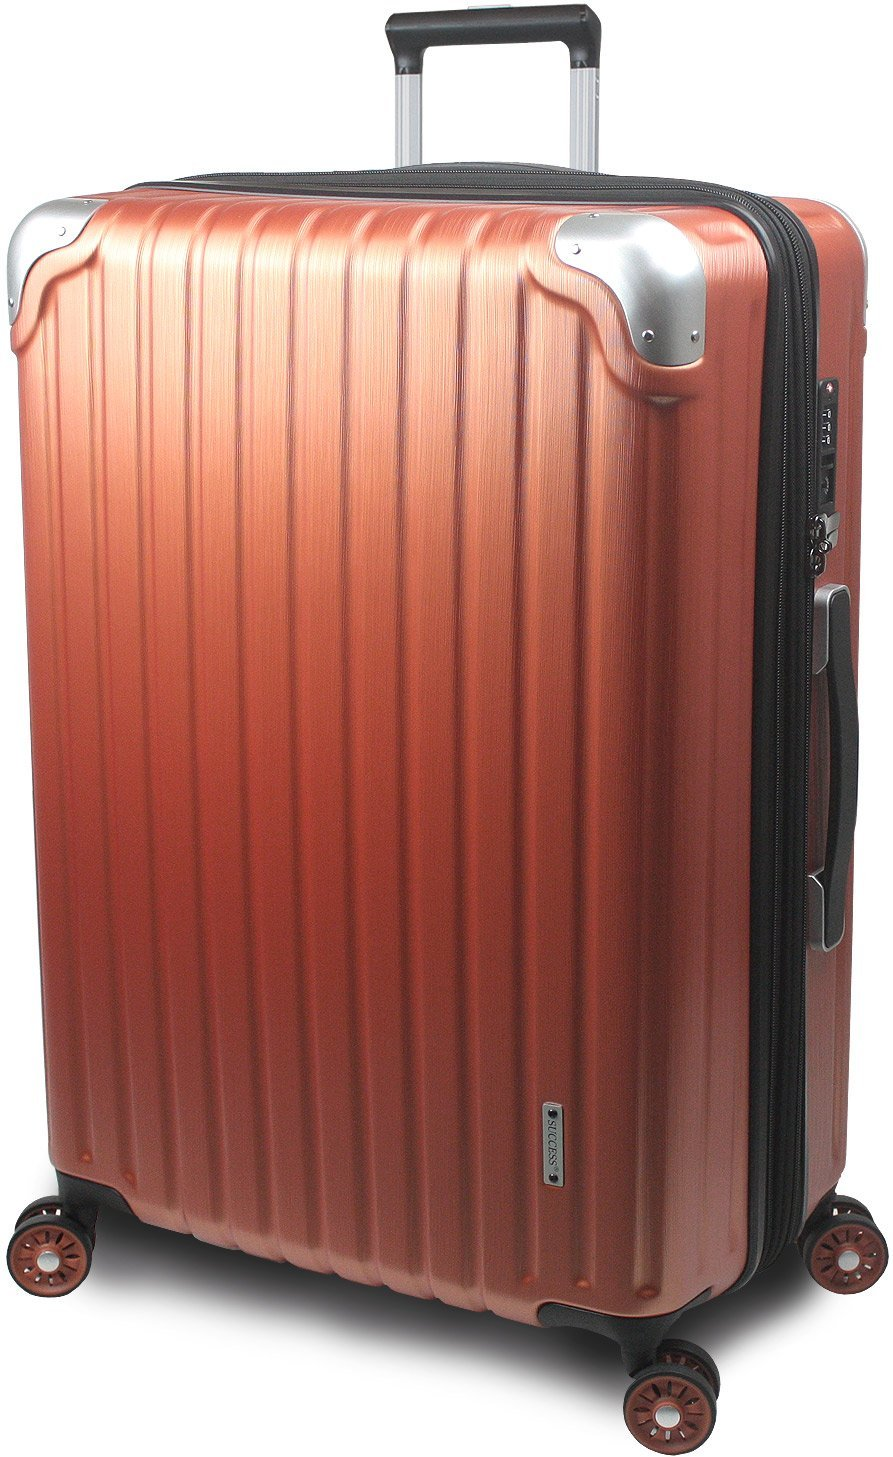 【SUCCESS サクセス】 スーツケース 3サイズ 【 大型 76cm/ジャスト型 70cm/中型 65cm 】 超軽量 TSAロック搭載 【 プロデンス コーナーパットモデル】 B01ELOM2PG 中型 Mサイズ 65cm|パーシモンヘアライン パーシモンヘアライン 中型 Mサイズ 65cm